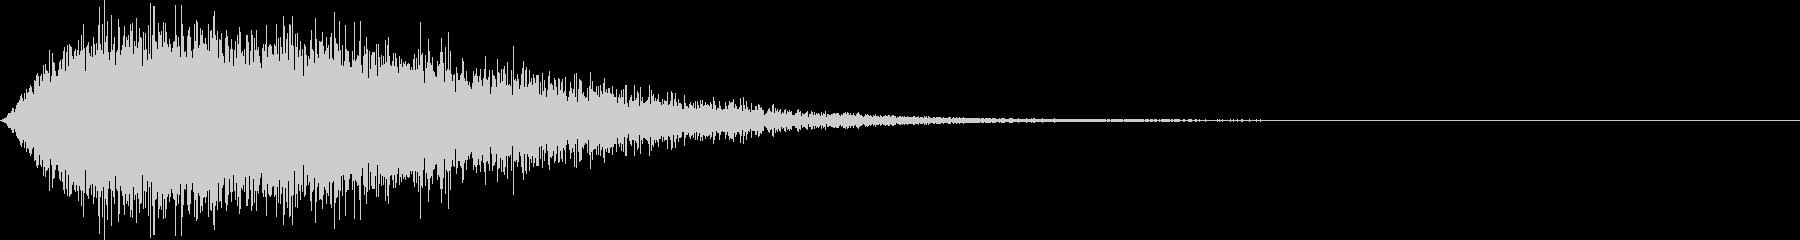 チショーン(低下_追加バリエーション)の未再生の波形